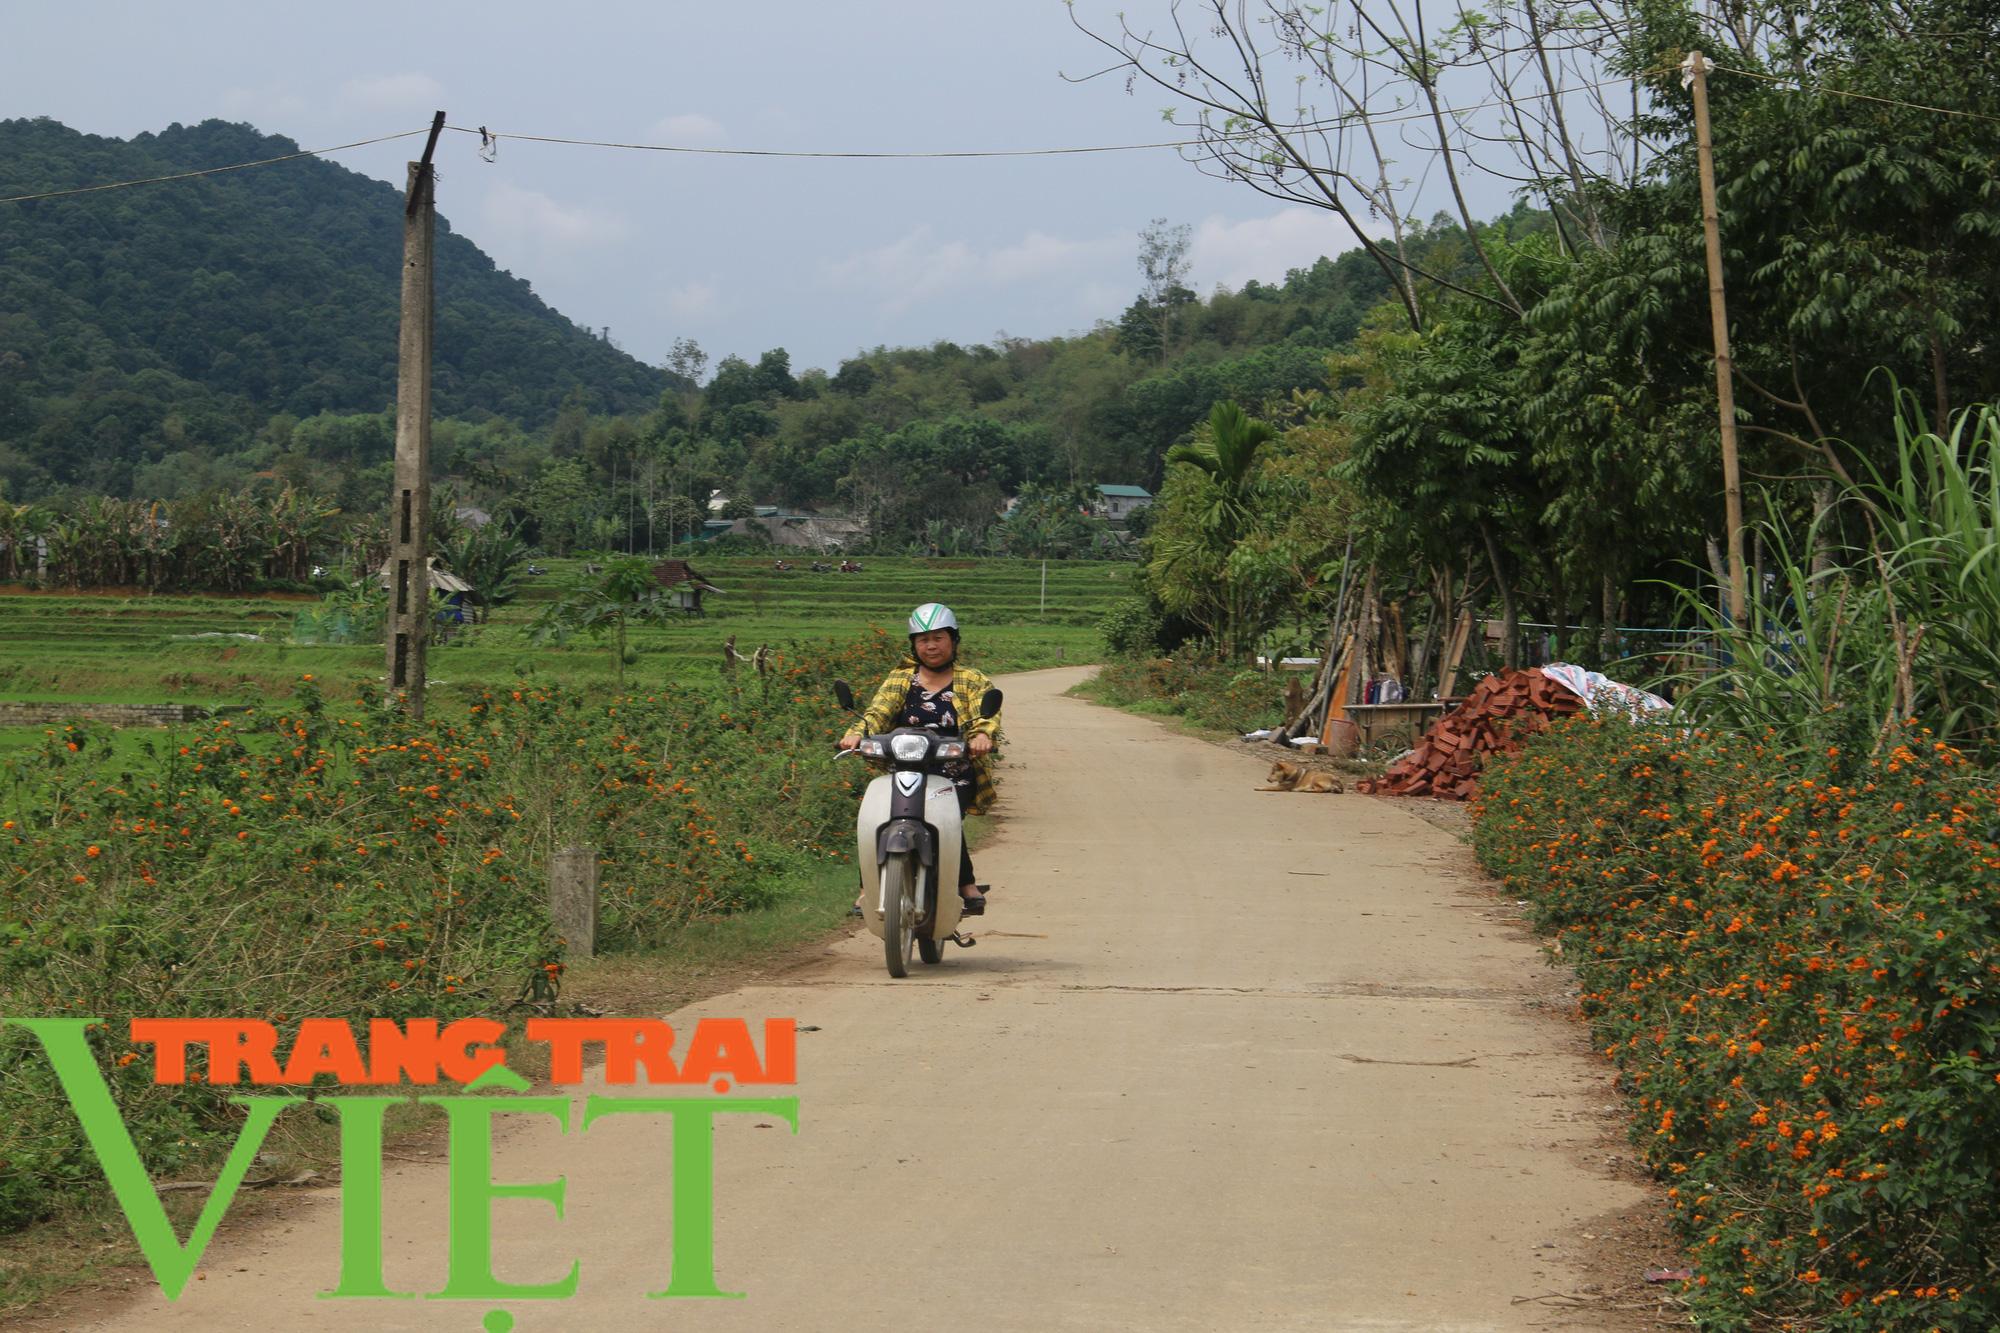 Hội Nông dân Tân Lạc hiến đất, góp công xây dựng nông thôn mới  - Ảnh 3.